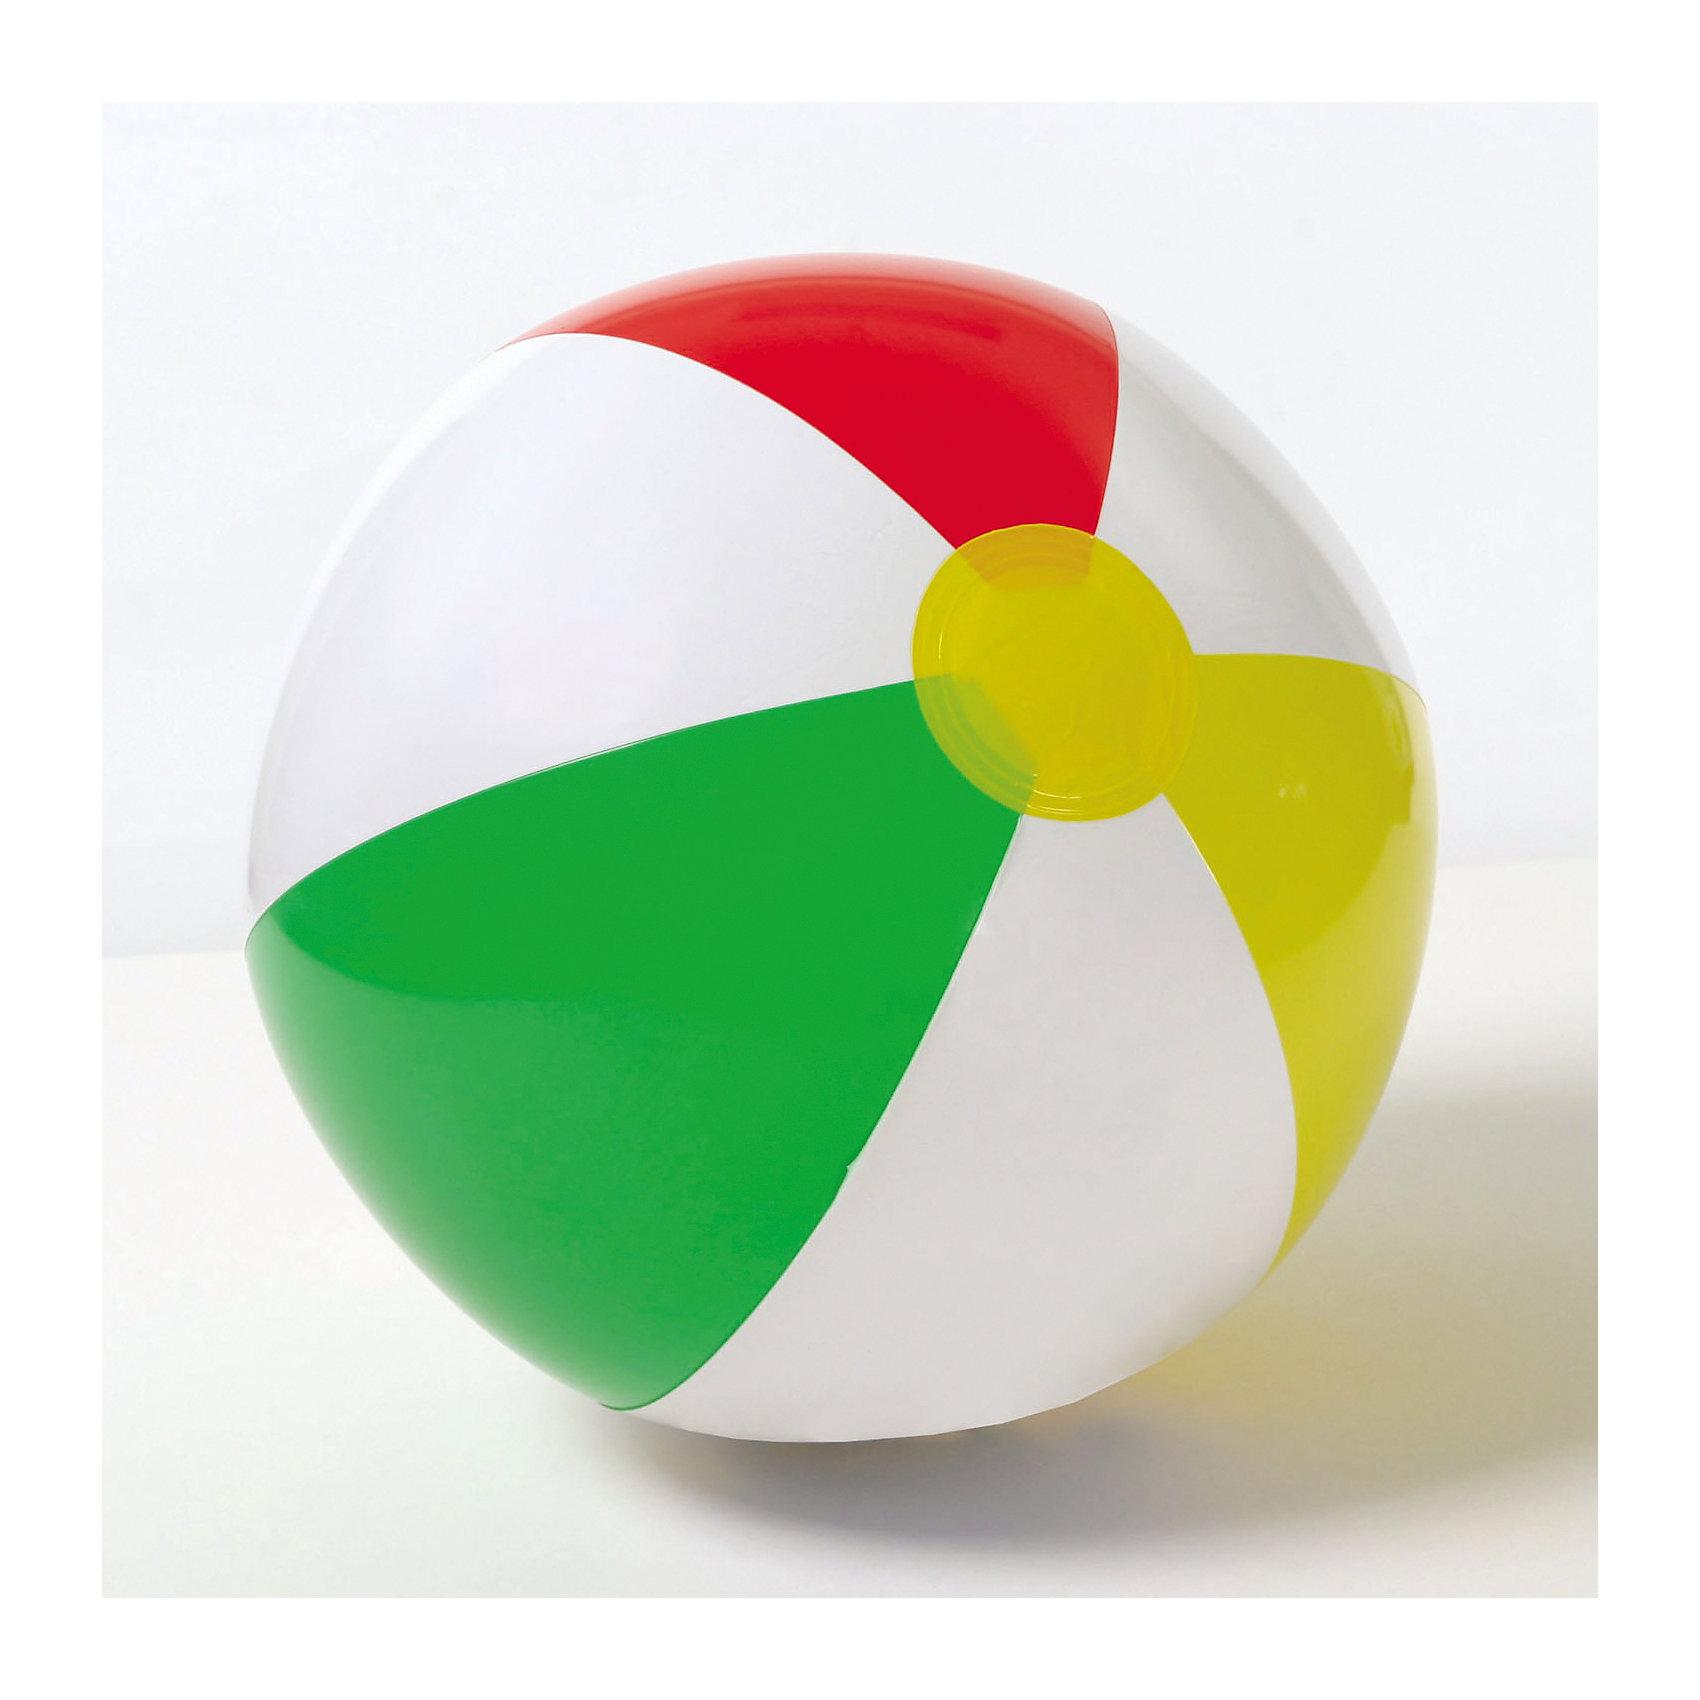 Надувной мяч Цветной, 41см, Intex<br><br>Ширина мм: 298<br>Глубина мм: 165<br>Высота мм: 15<br>Вес г: 79<br>Возраст от месяцев: 36<br>Возраст до месяцев: 192<br>Пол: Унисекс<br>Возраст: Детский<br>SKU: 5501942